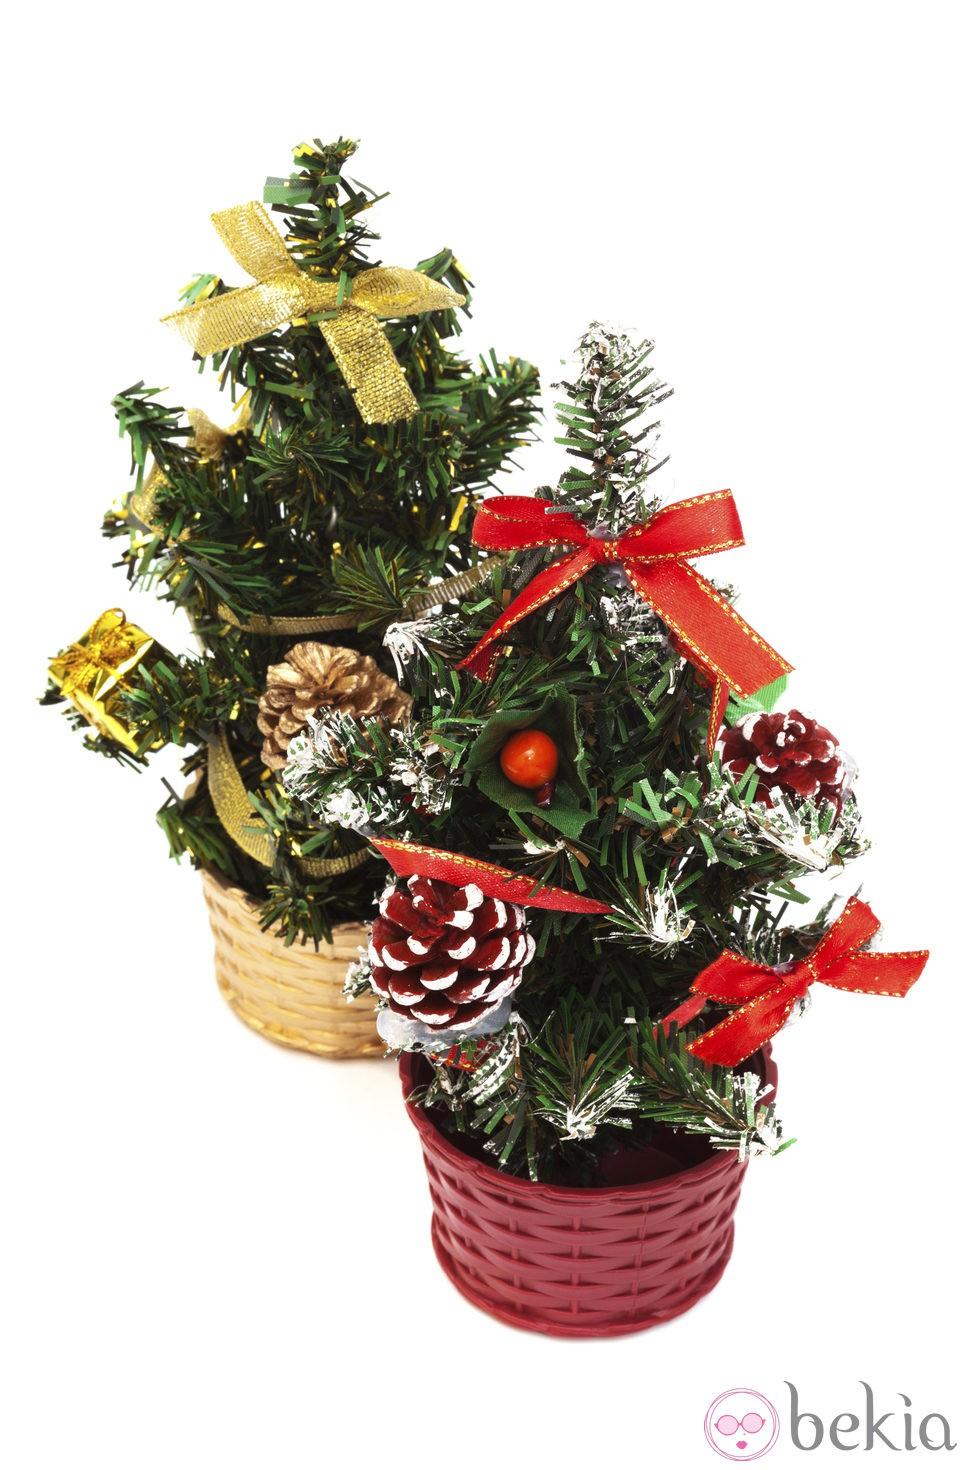 Peque os rboles de navidad fotos de navidad for Fotos arbol navidad